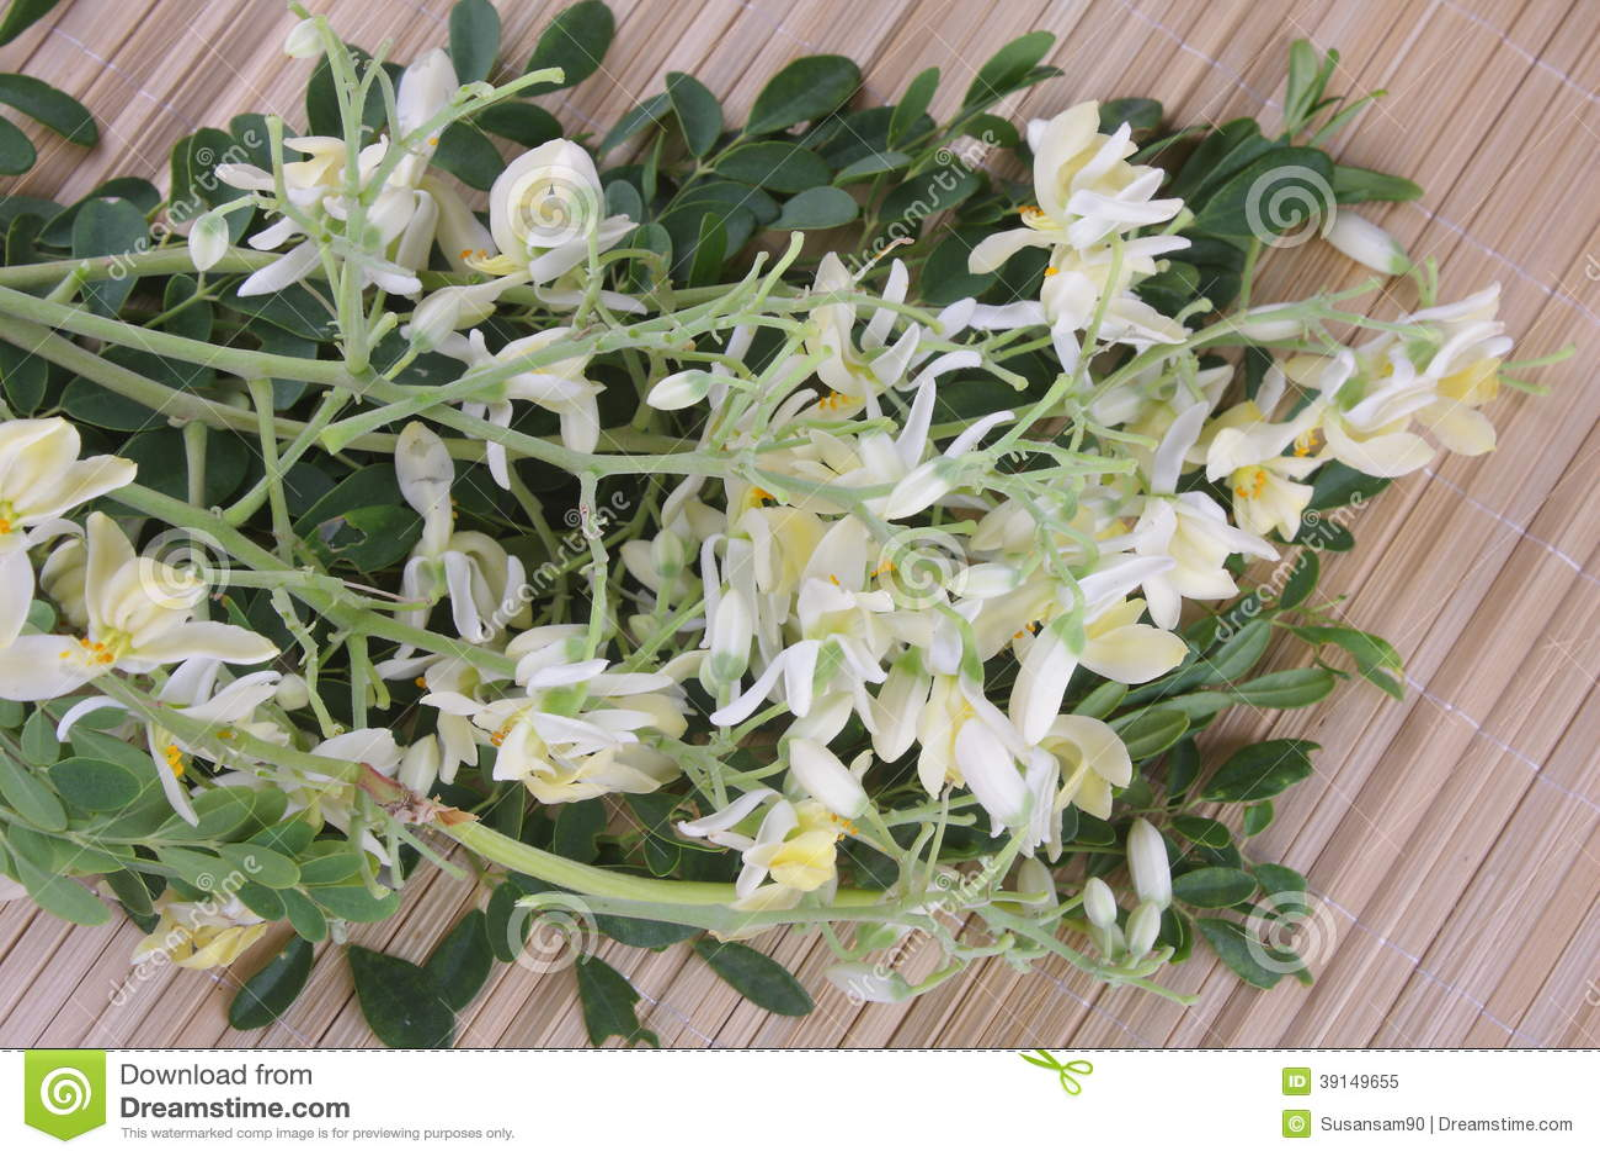 Eetbare moringa bloem